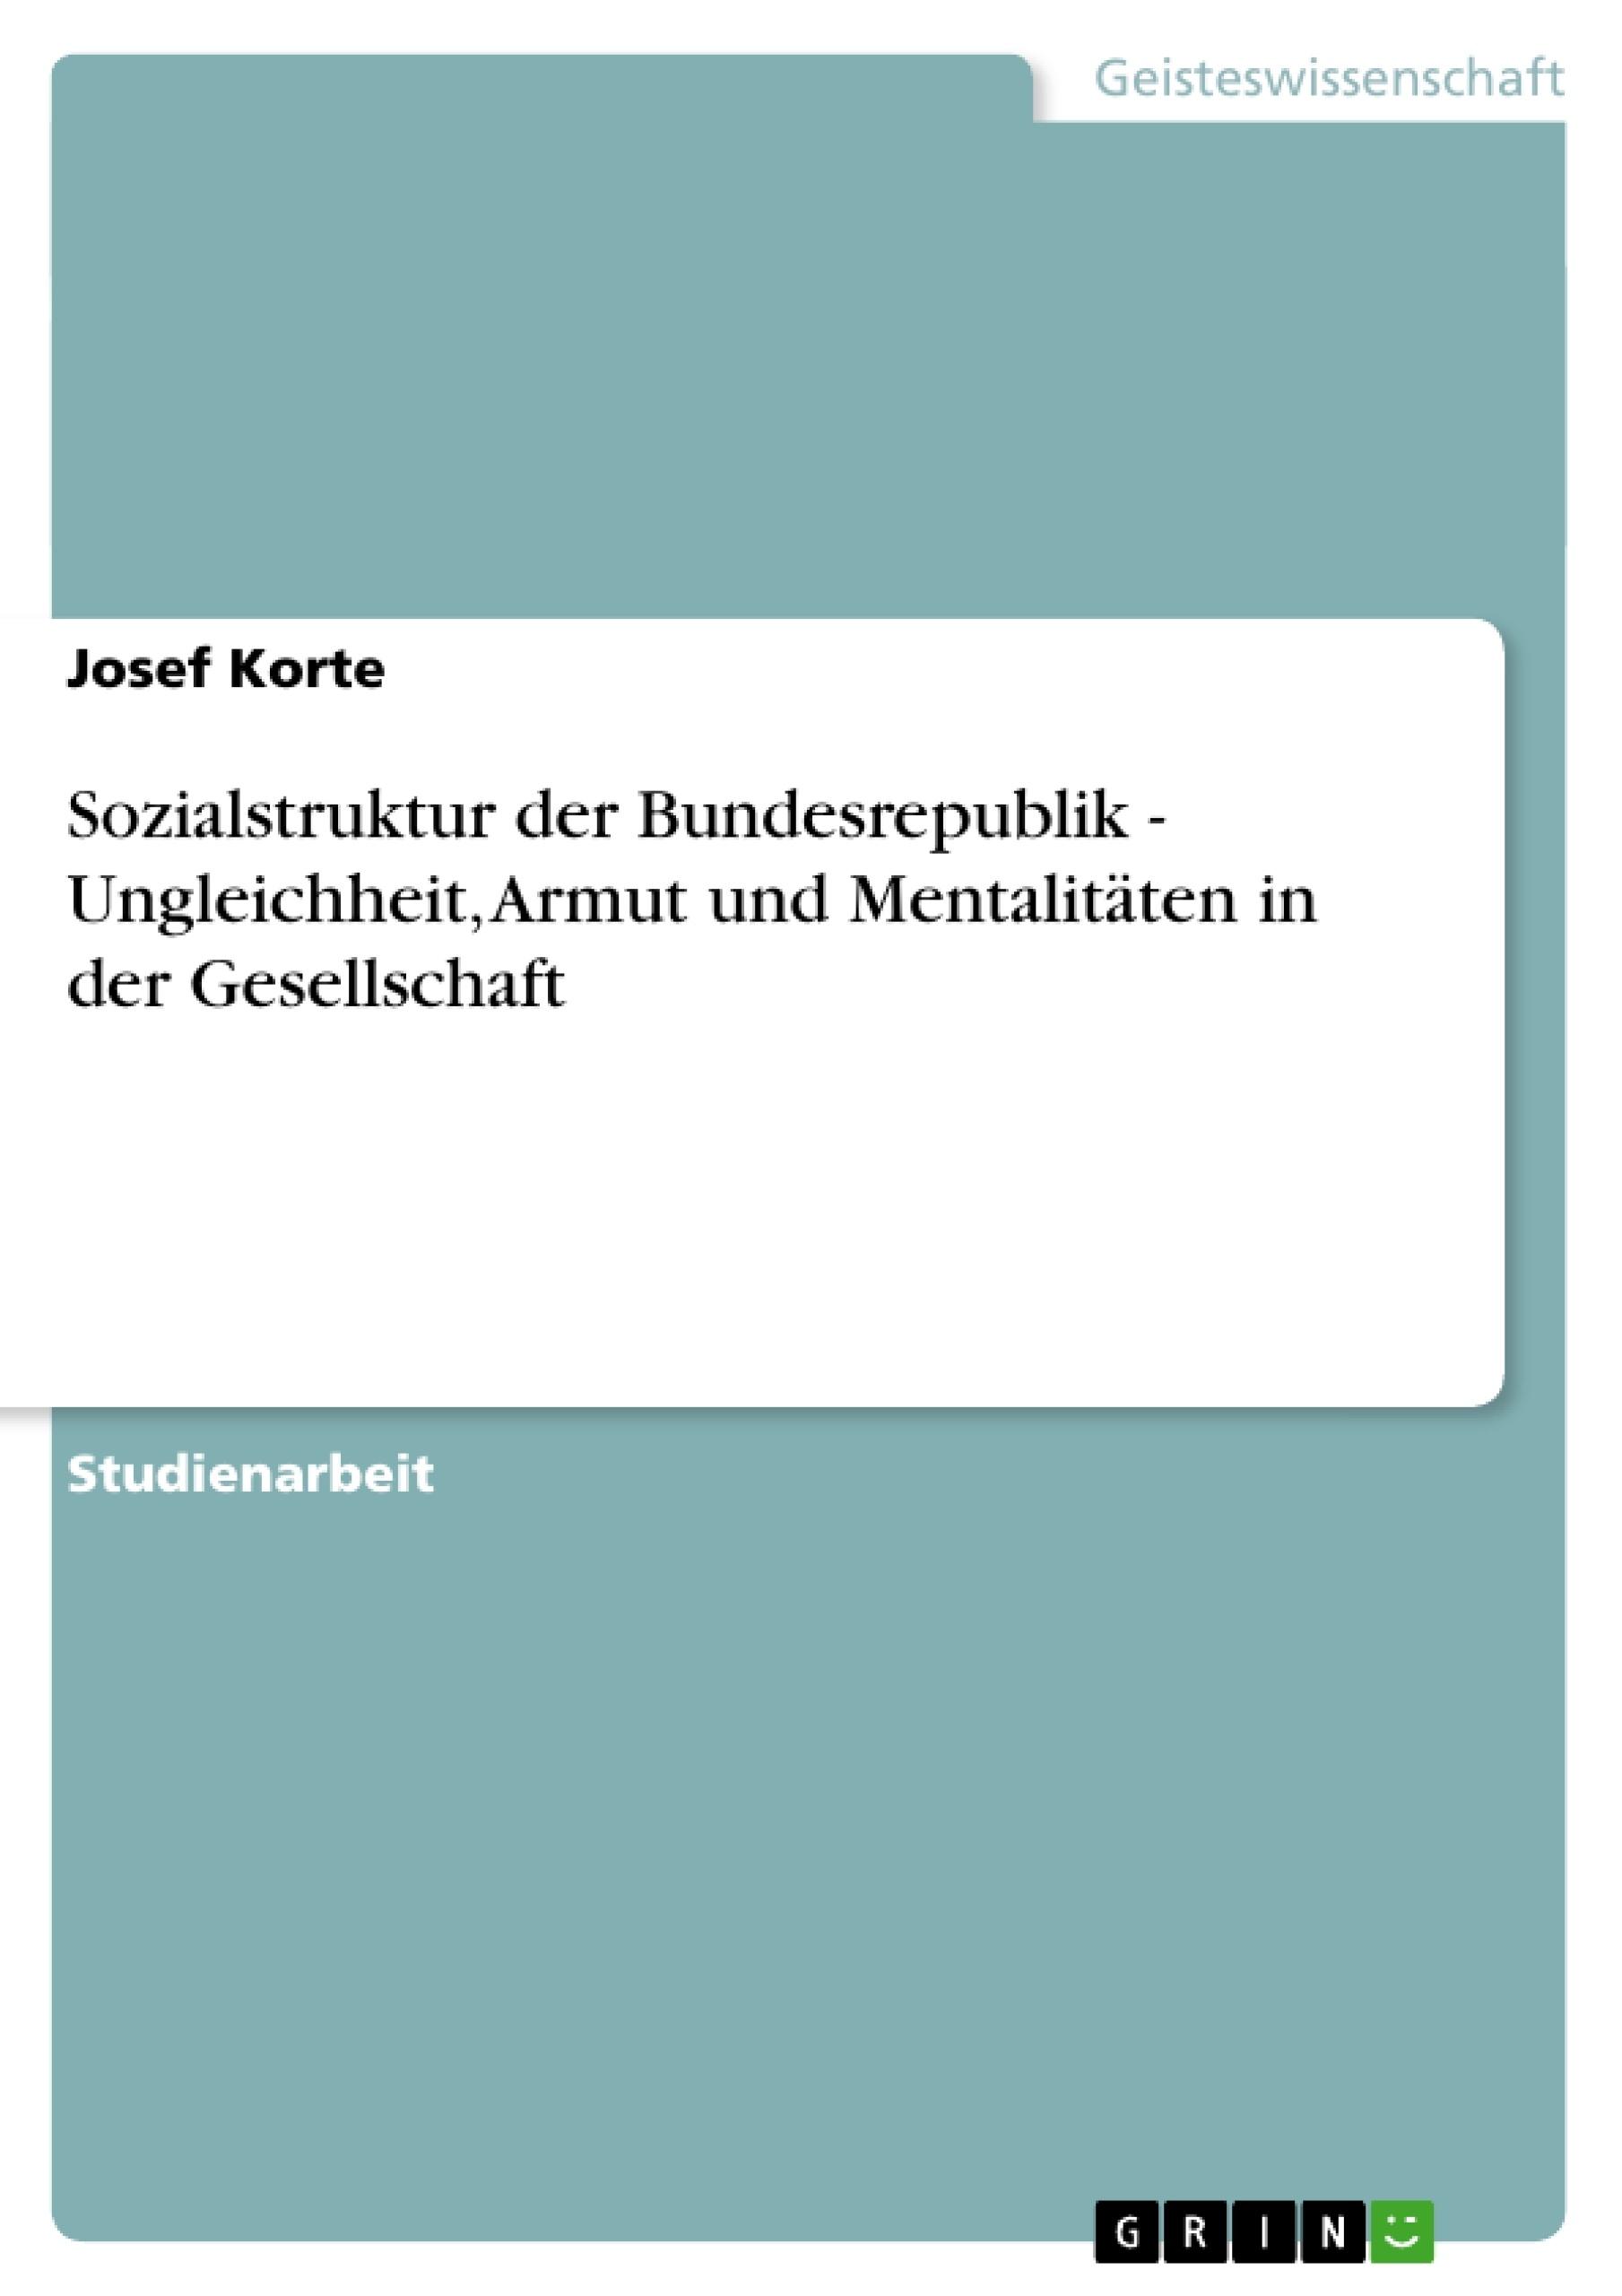 Titel: Sozialstruktur der Bundesrepublik - Ungleichheit, Armut und Mentalitäten in der Gesellschaft